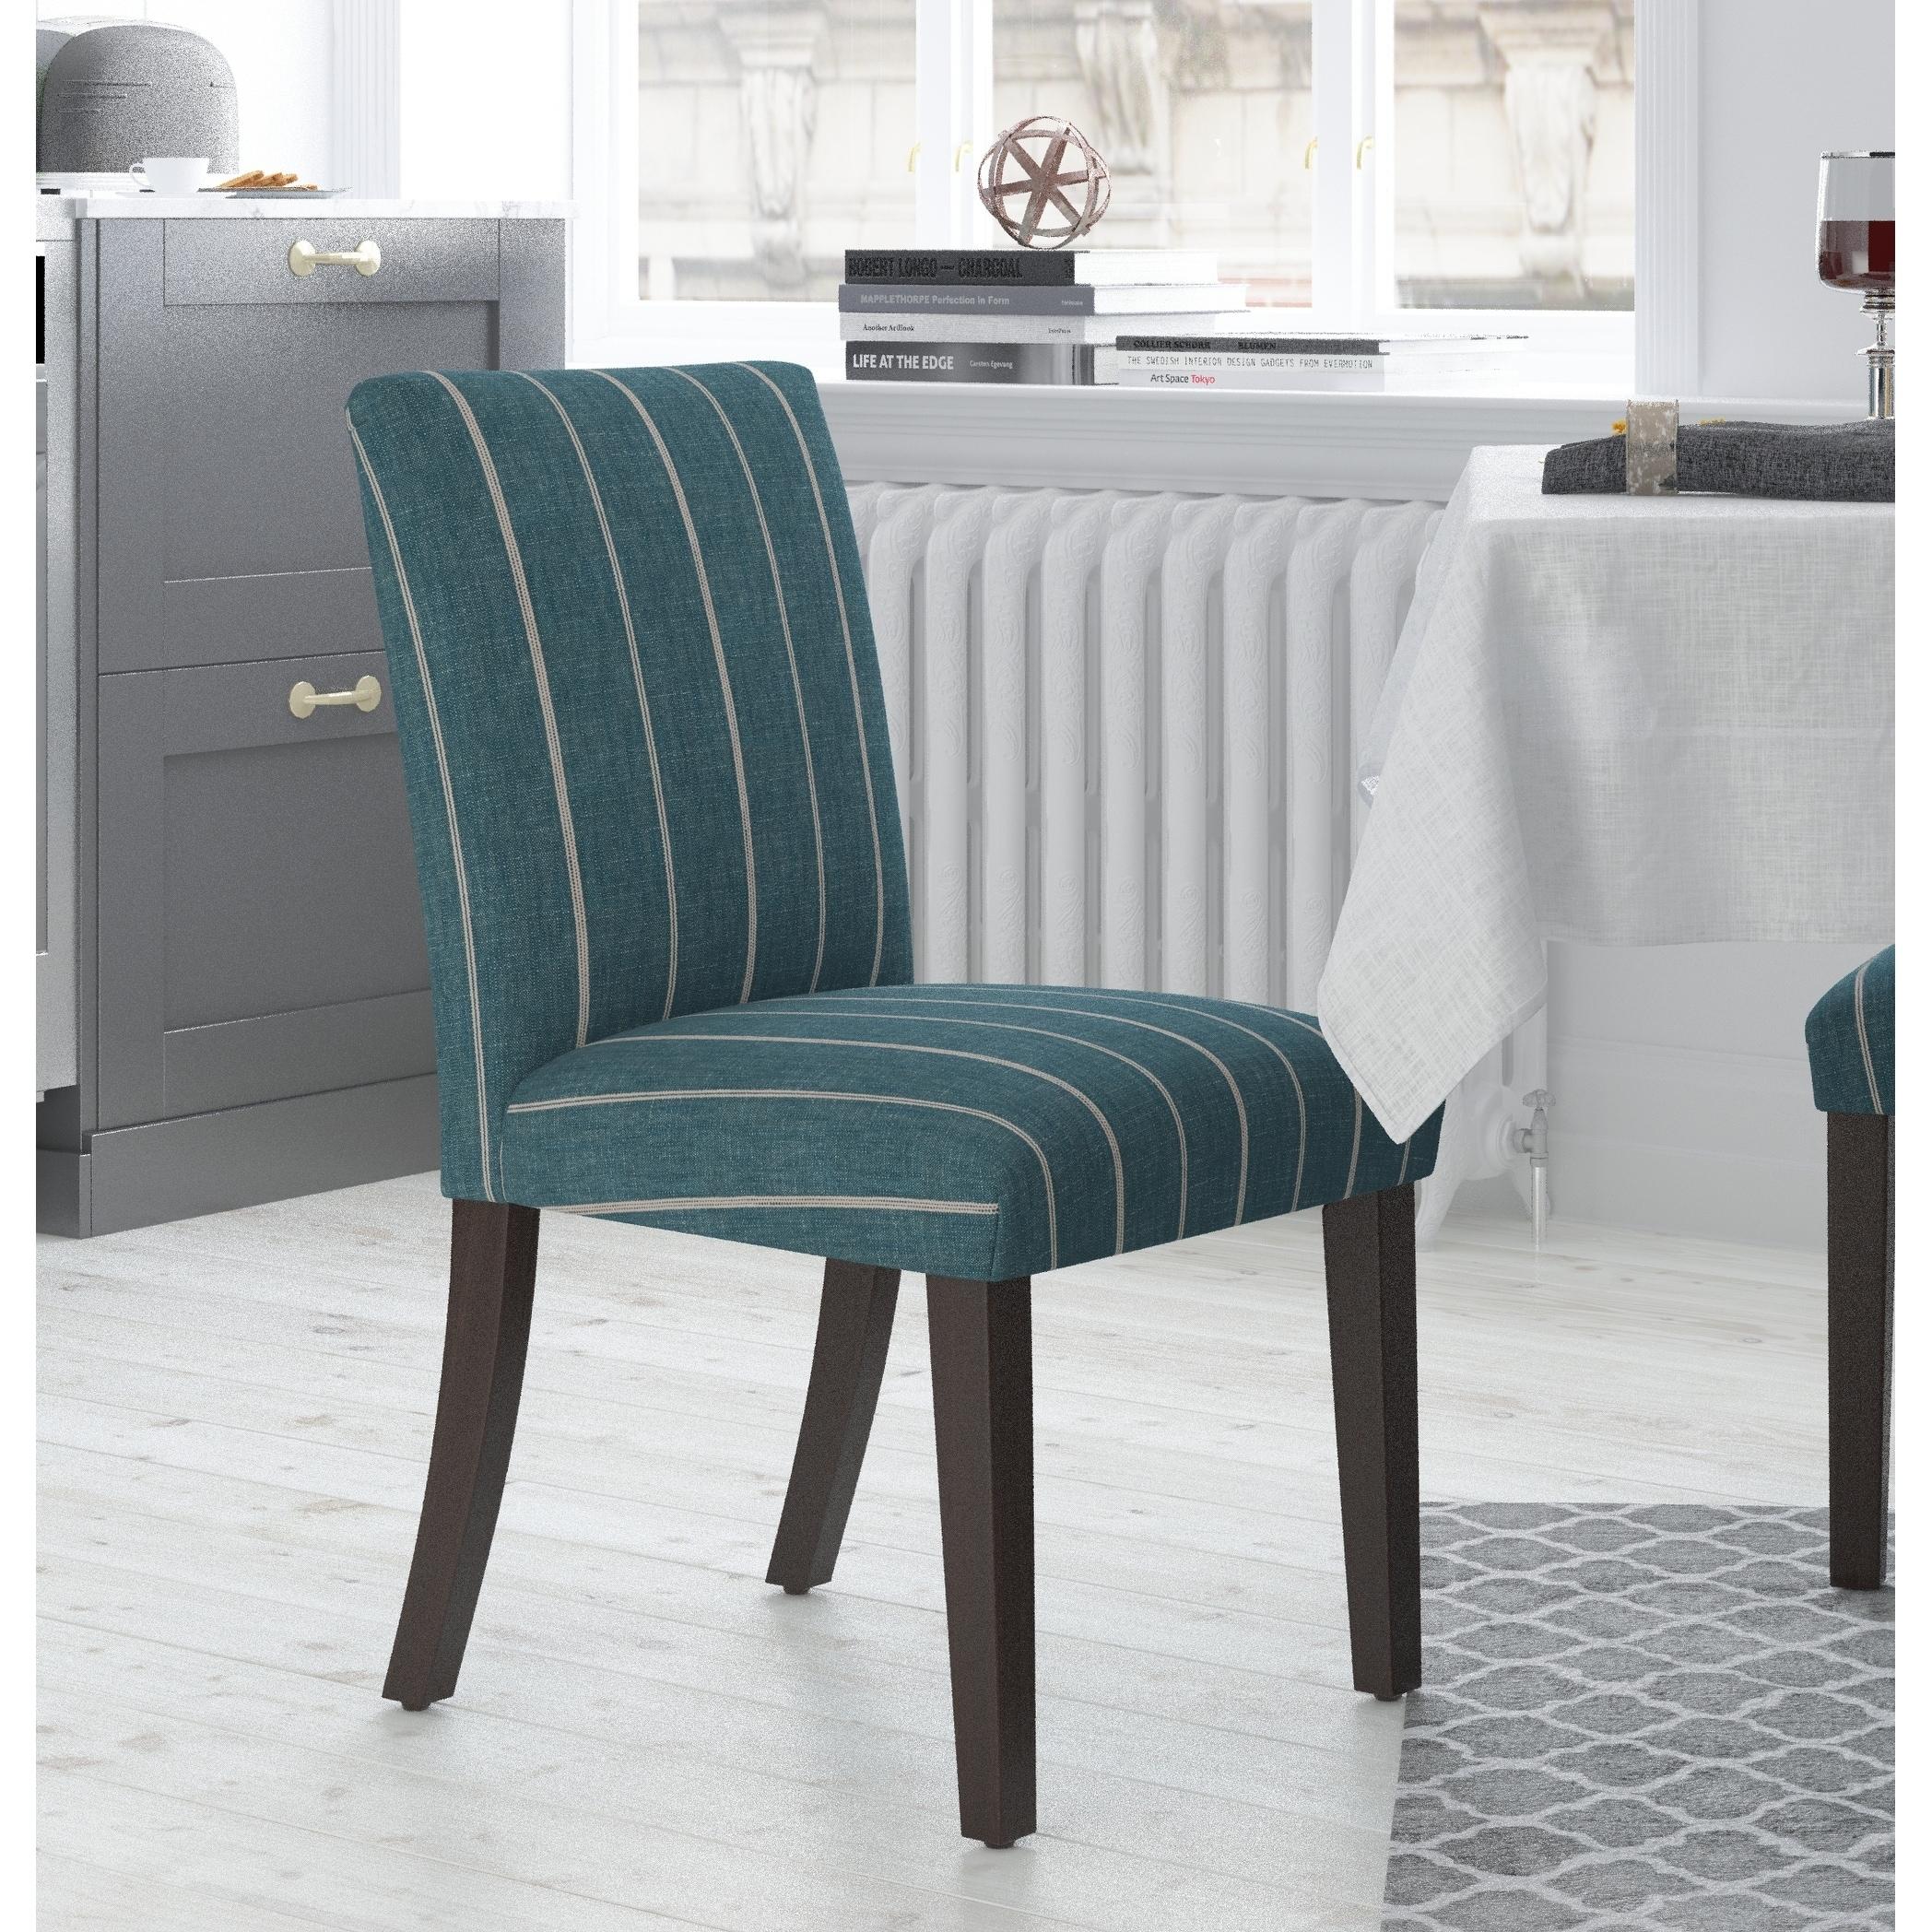 Skyline Furniture Uptown Dining Chair in Fritz Indigo (In...